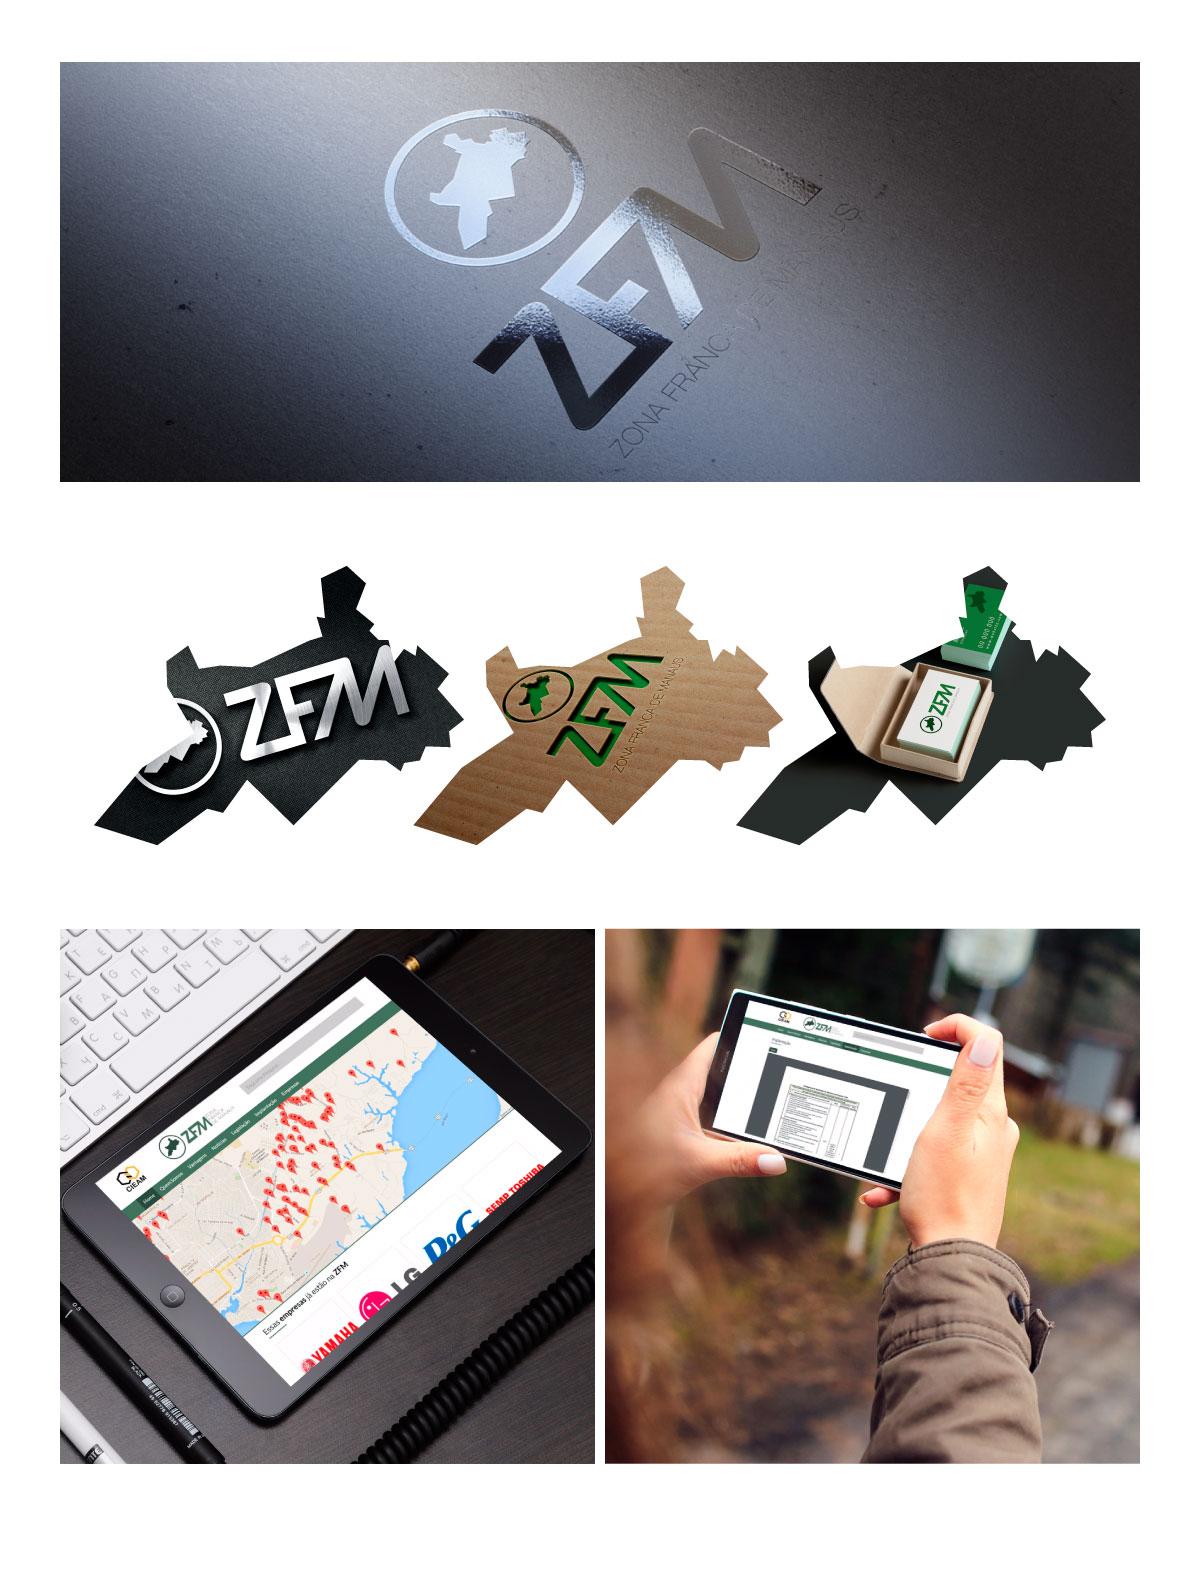 web4-comunicacao-identidade-website-zfm-footer